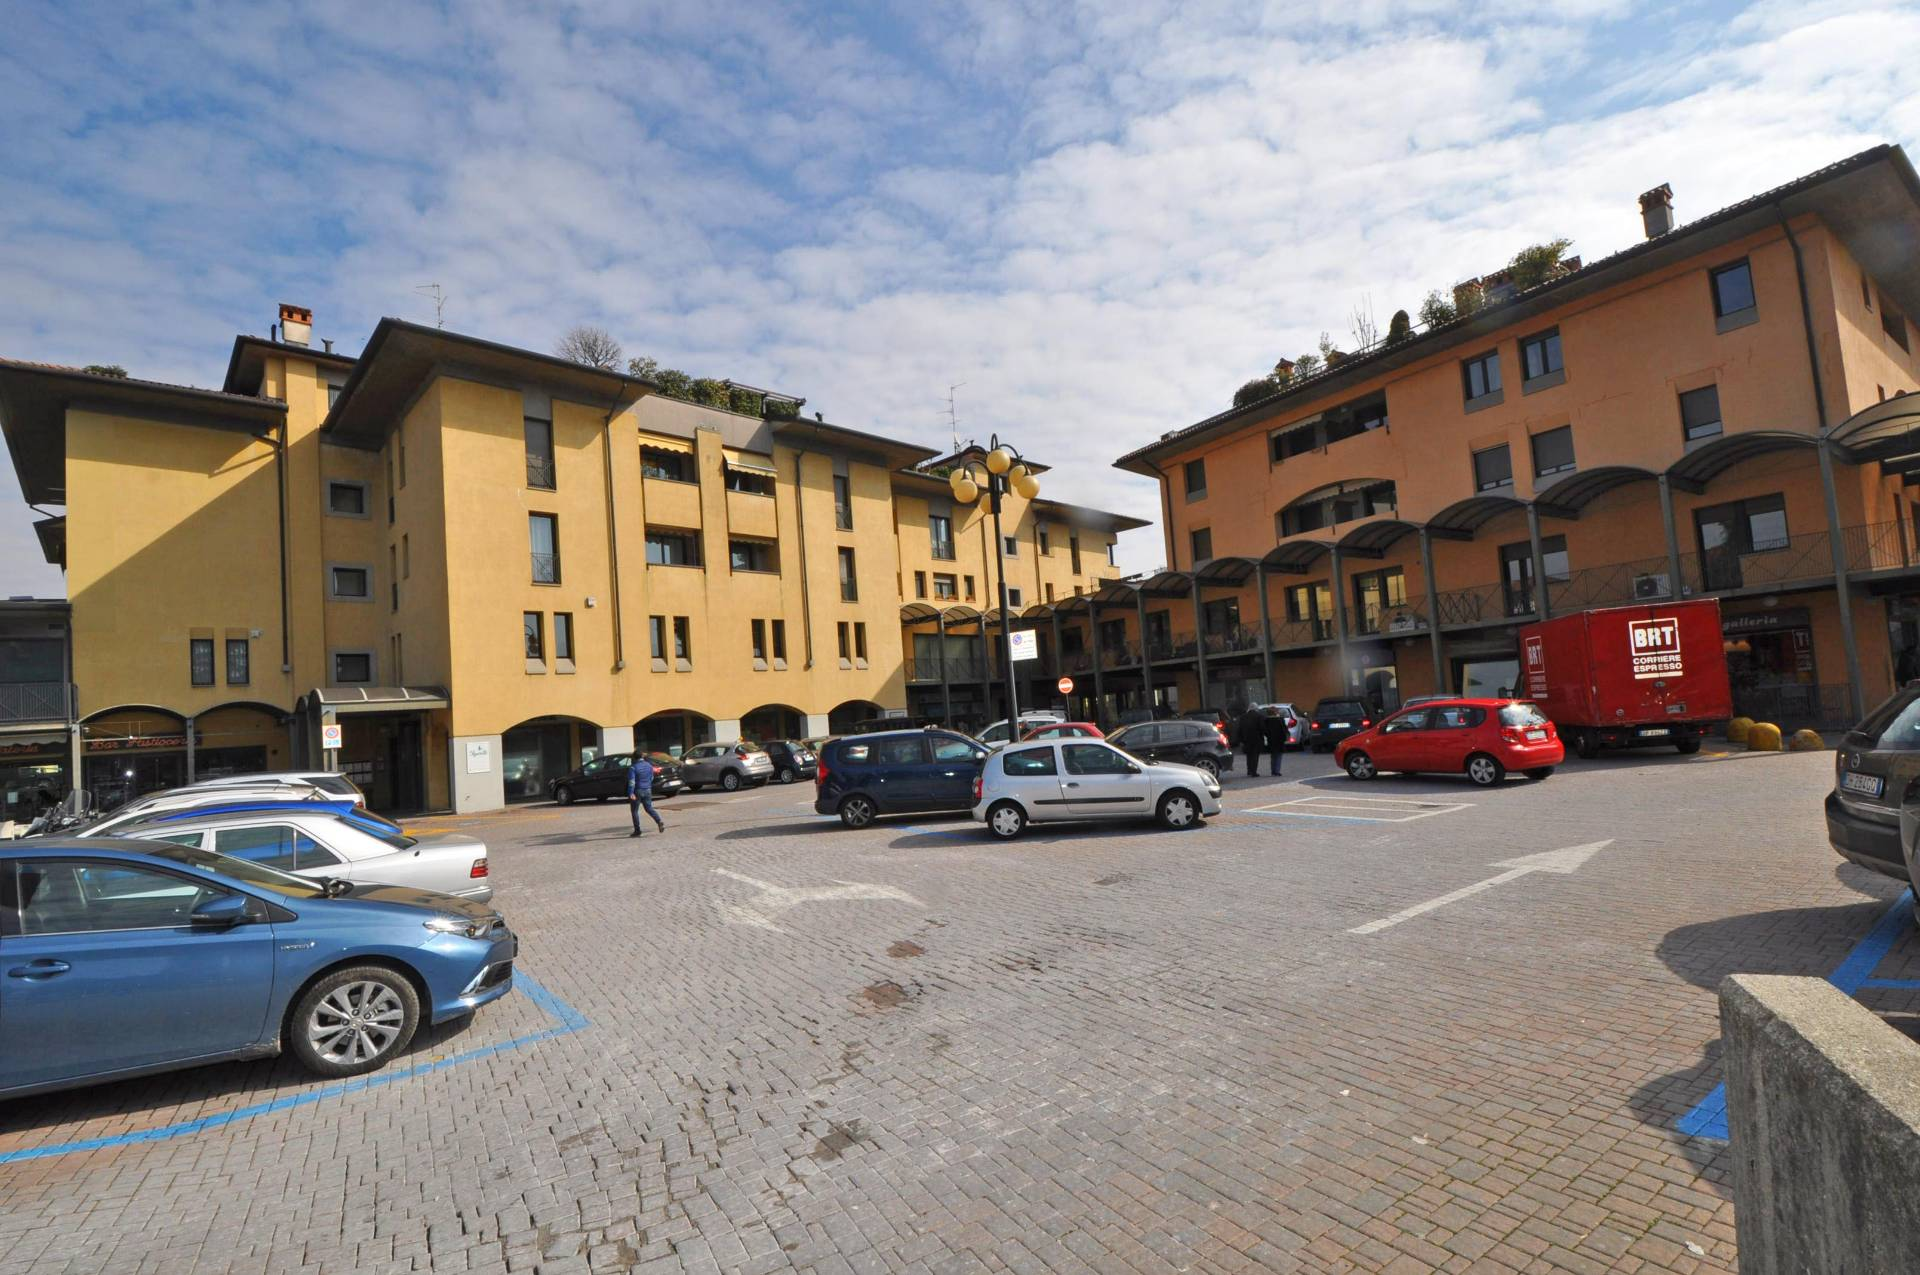 Negozio / Locale in vendita a Seriate, 9999 locali, prezzo € 160.000 | Cambio Casa.it